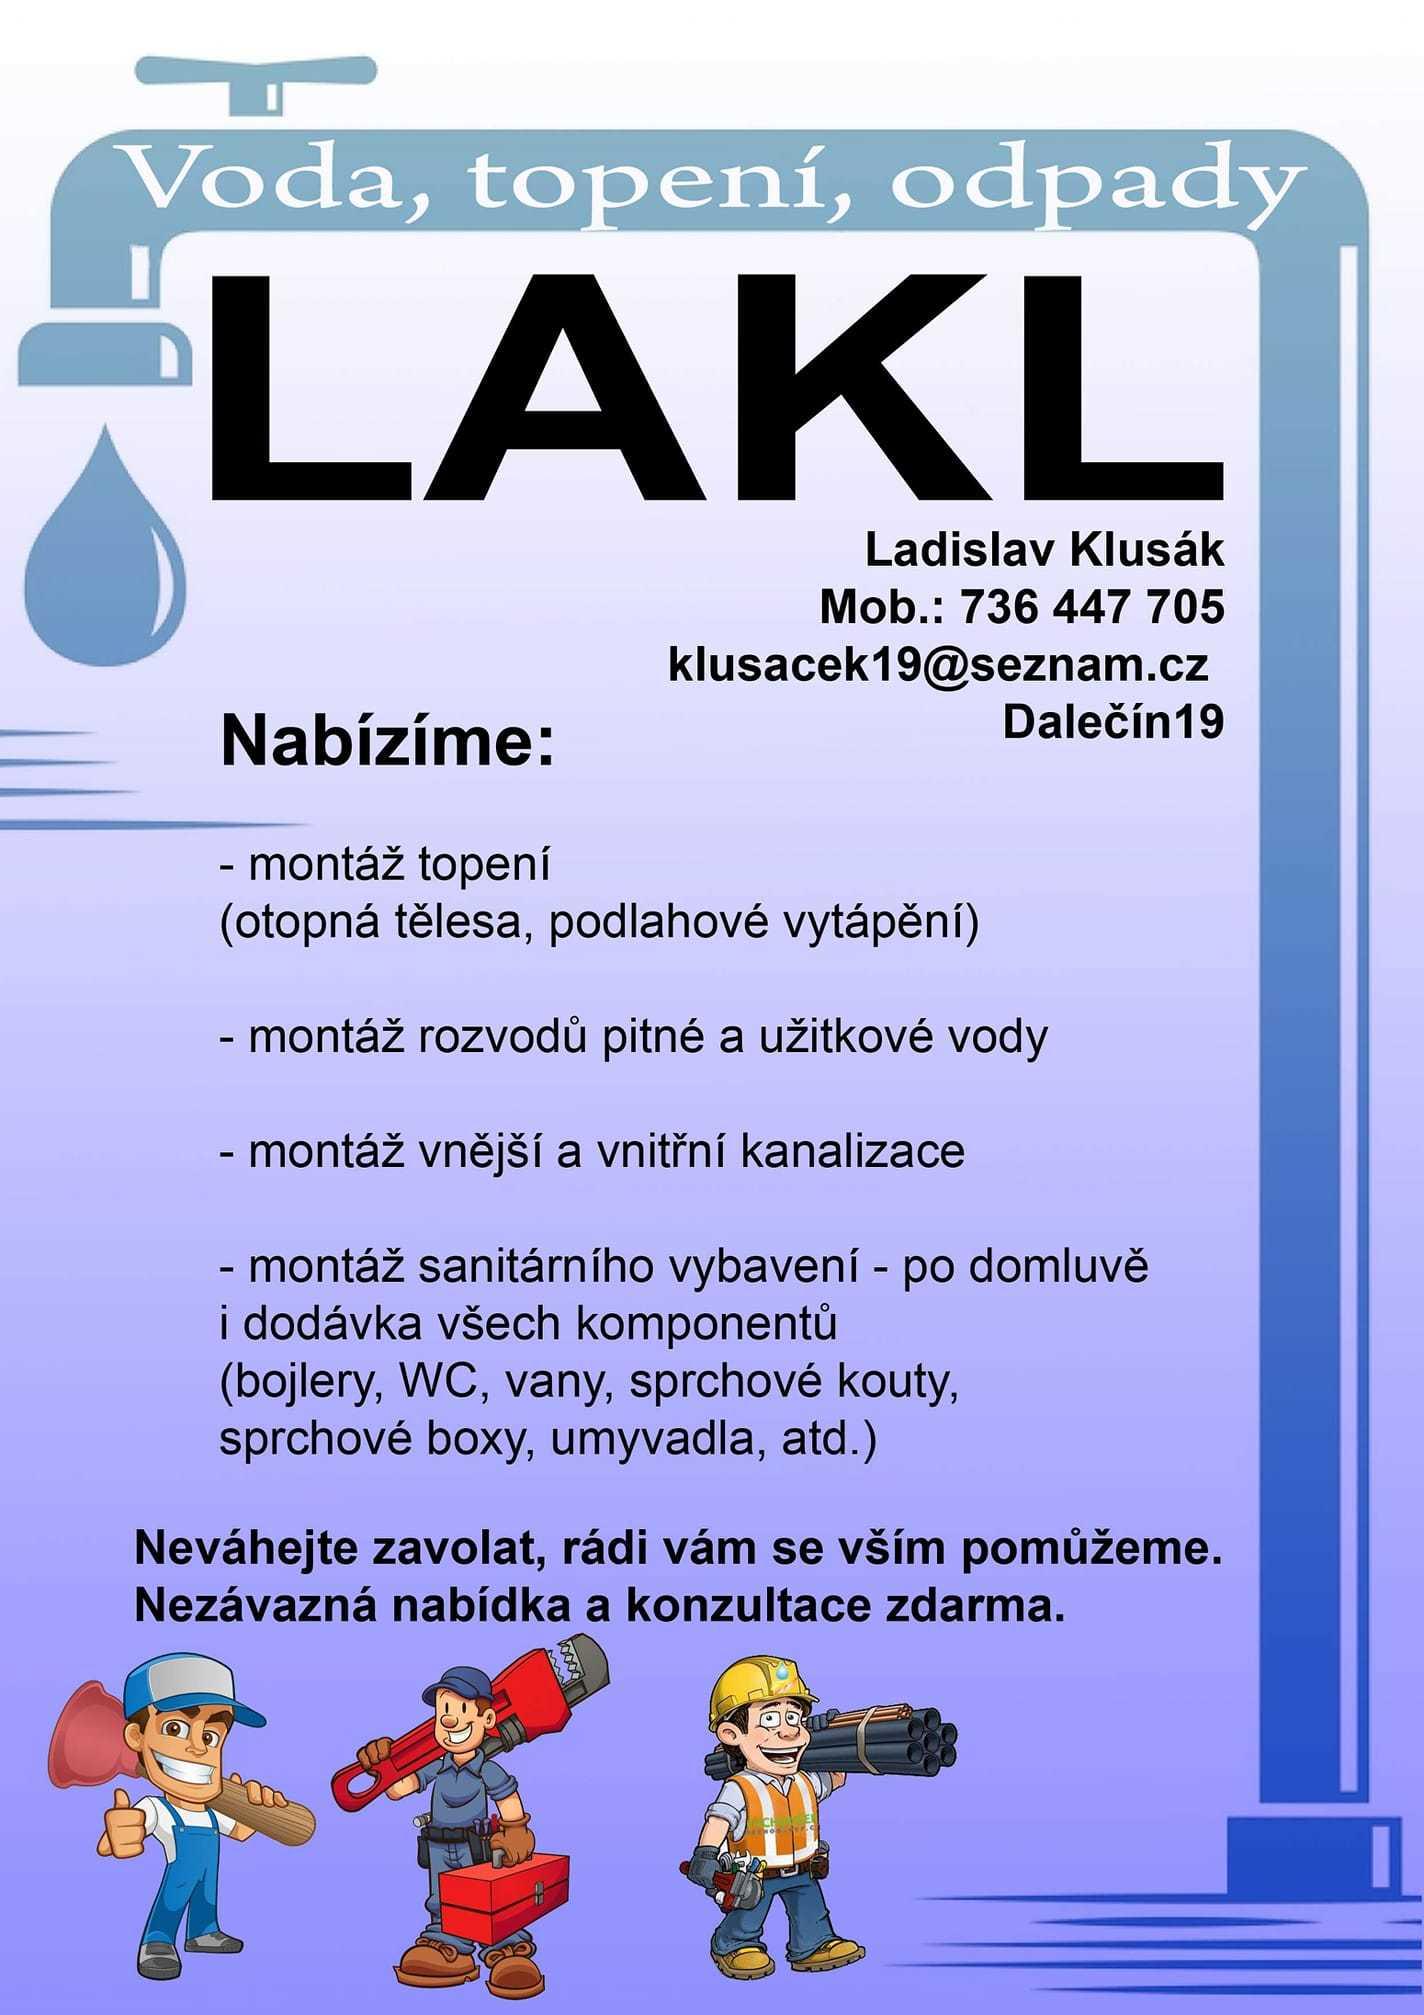 LAKL firma